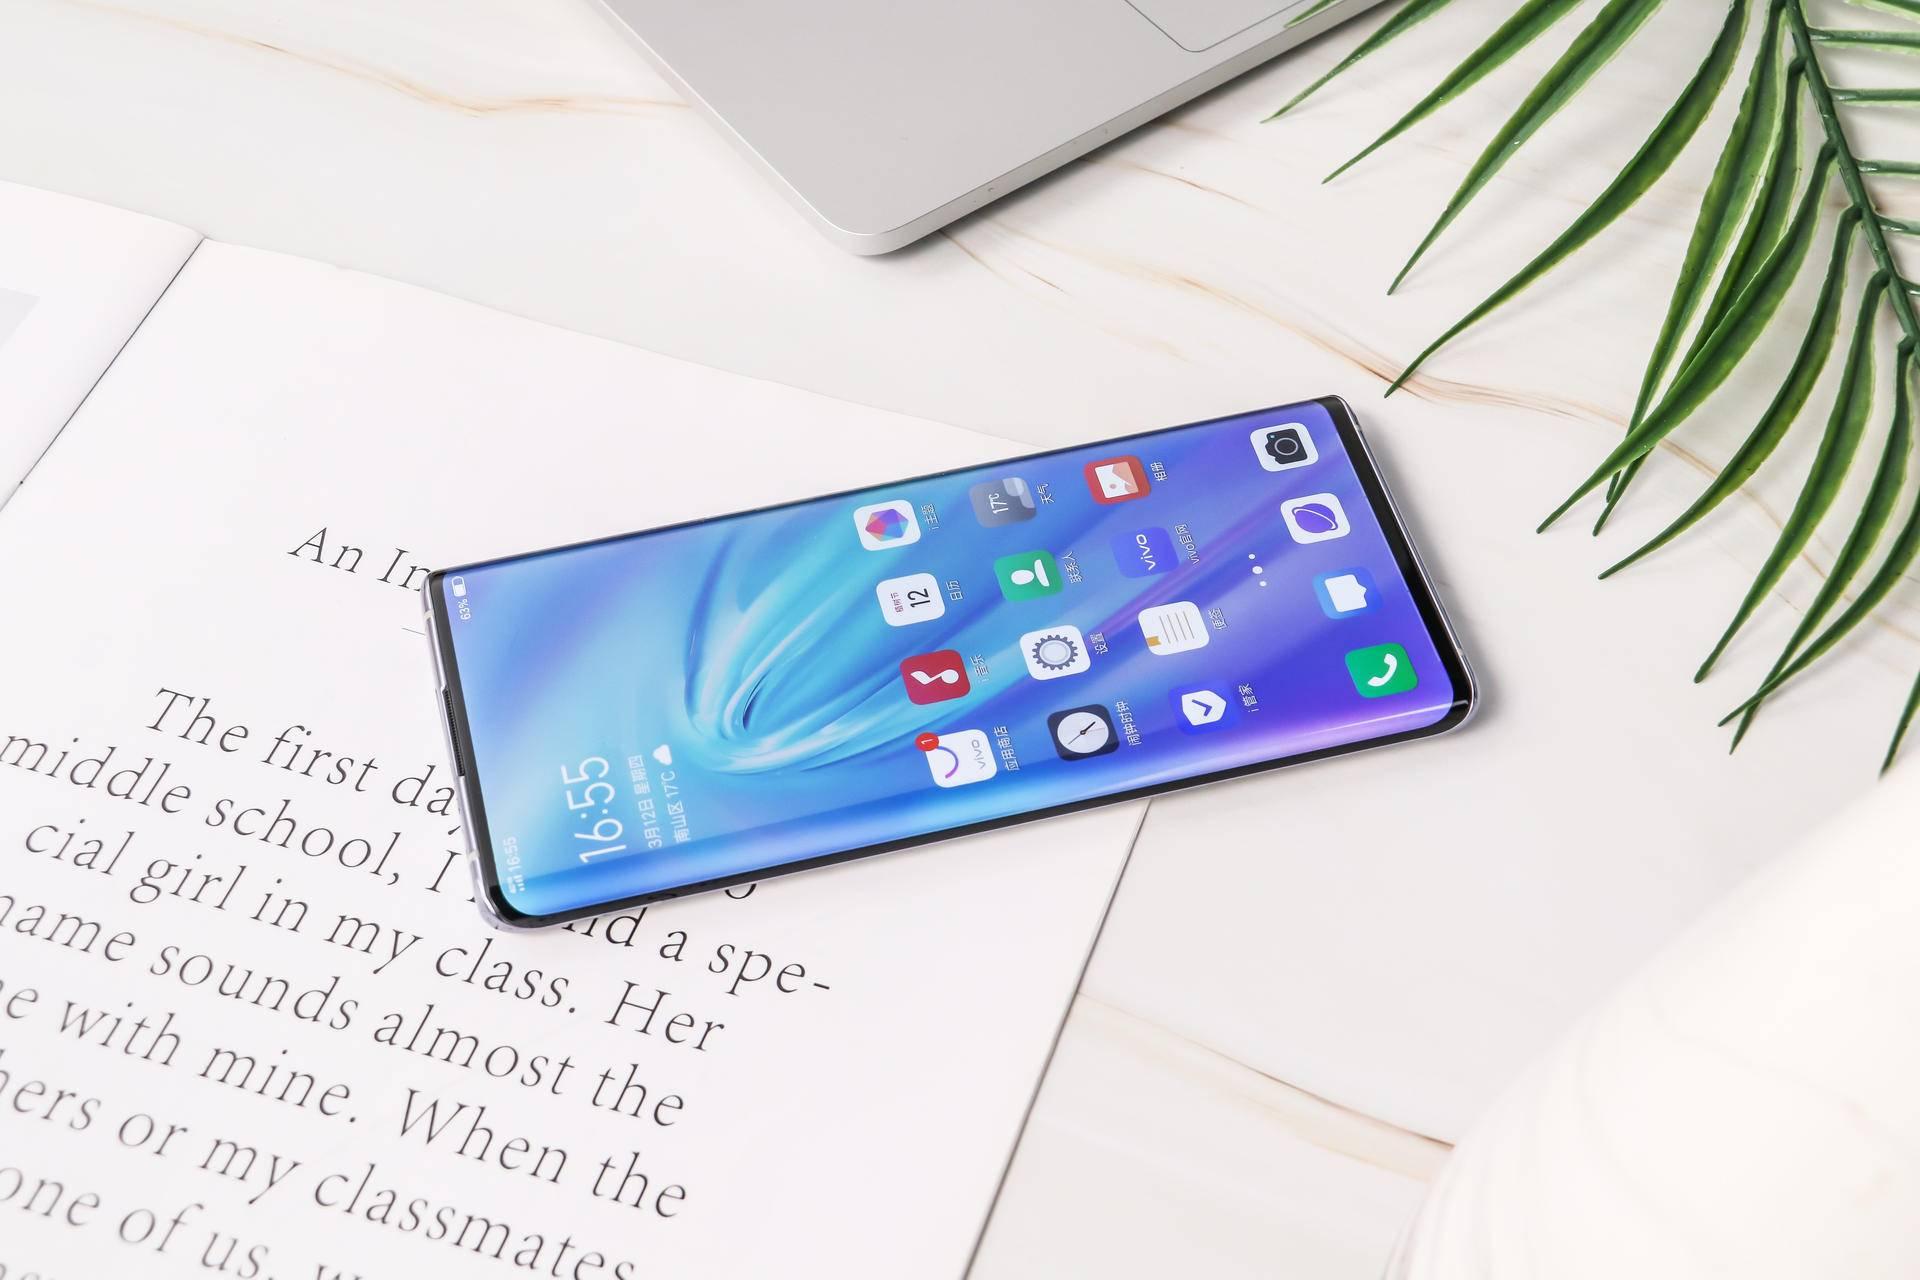 上半年你准备换手机了吗?看看上半年已经发布最好的4款手机